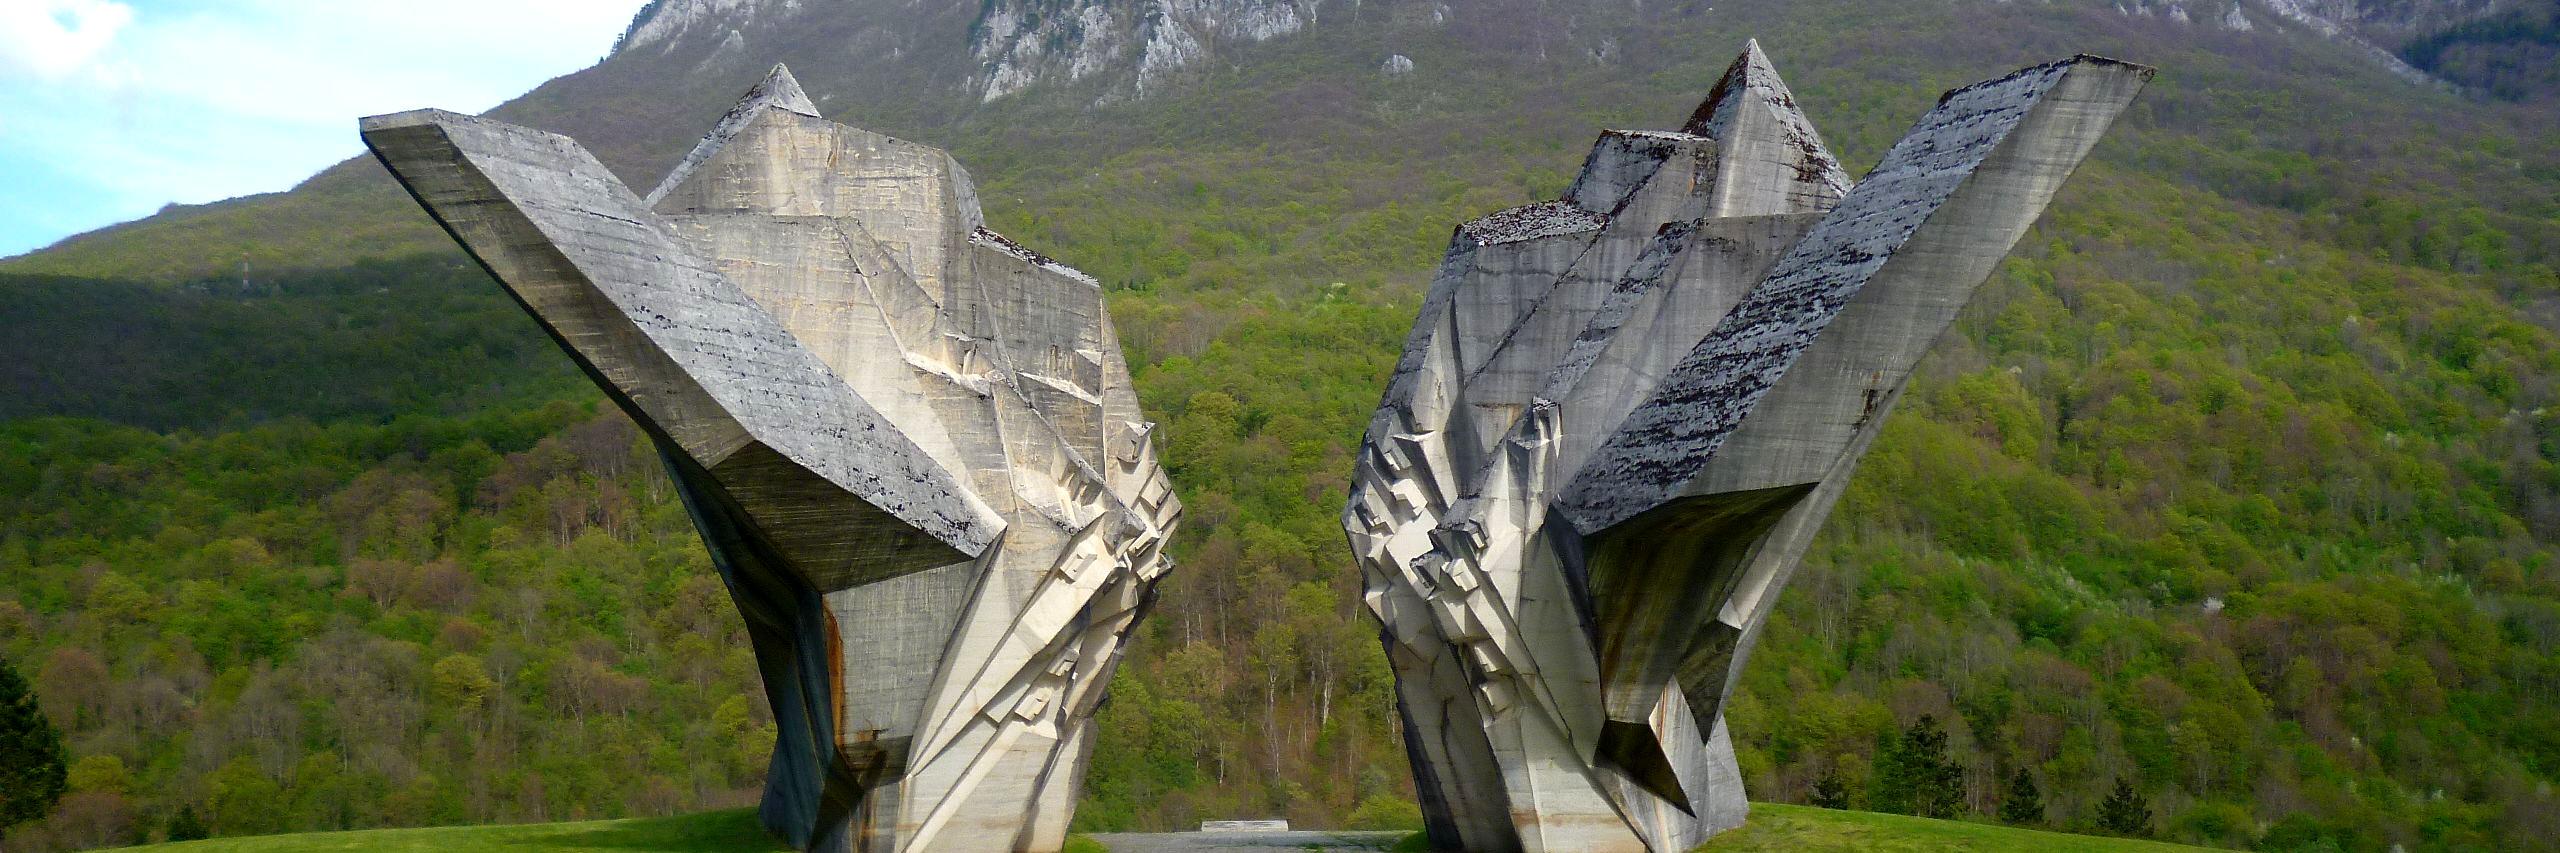 Тьентиште или Долина героев